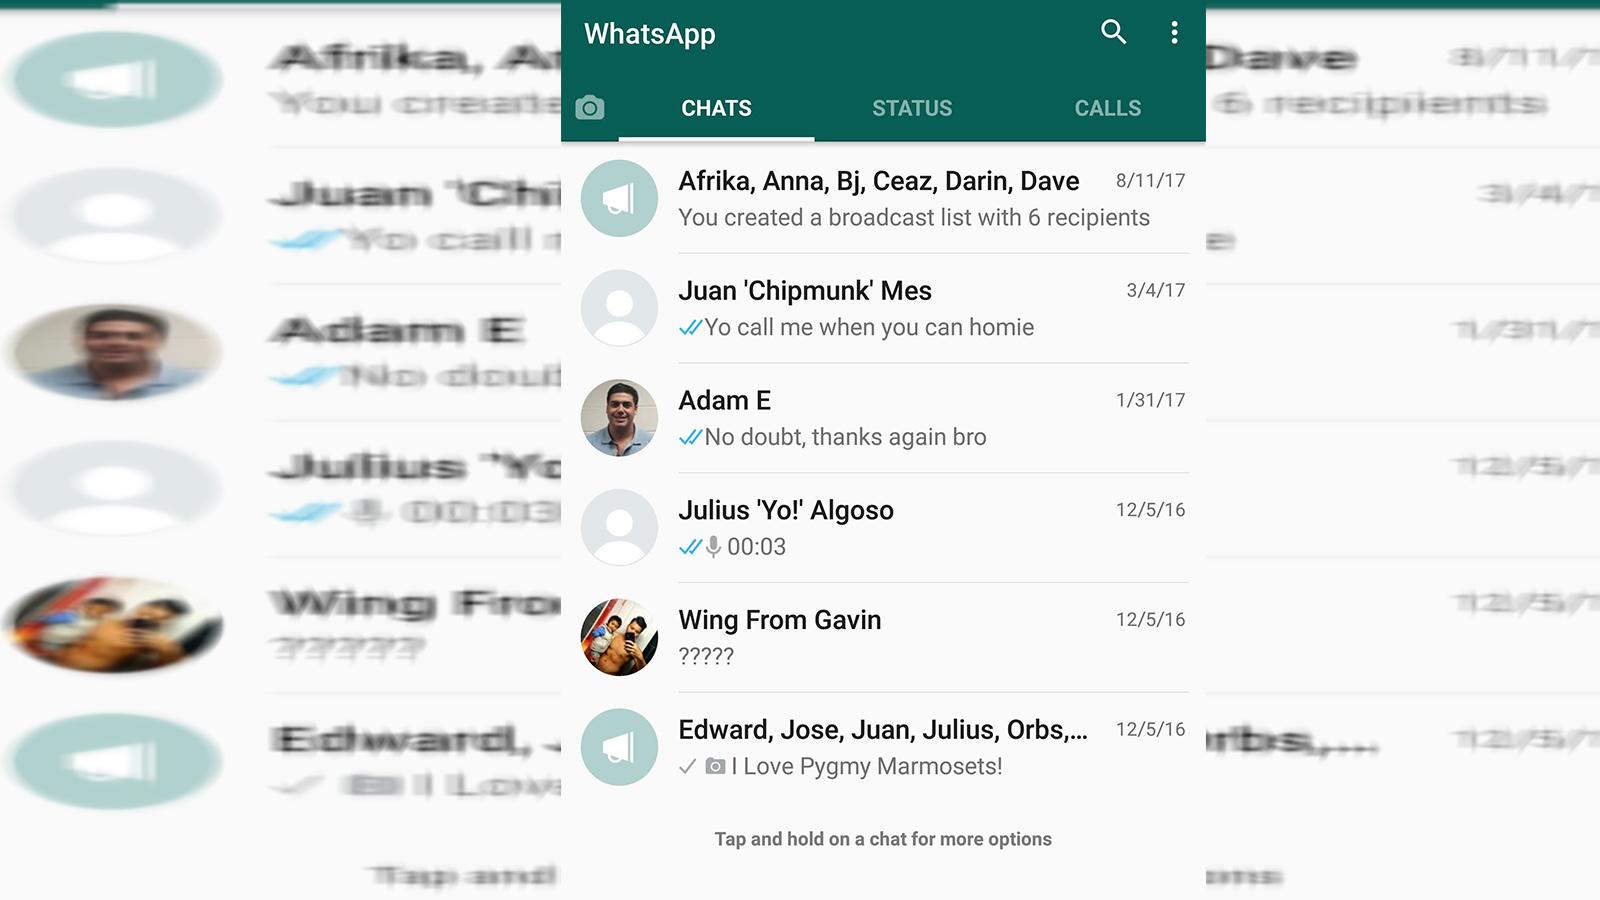 WhatsApp, internet bağlantısı aracılığıyla uzun süre ücretsiz olarak kullandığımız, yazılı, görüntülü ve sesli içerik gönderebildiğimiz uygulamalardan biri. Telefon görüşmesi yapma özelliği de uygulamanın kullanılmasına sebep olan etmenlerden. Çoğunlukla tanıdığımız insanlarla iletişim kursak da yeni tanıştığımız bir insanla iletişimin sürekliliği için kullanılan, akla gelen ilk platform.